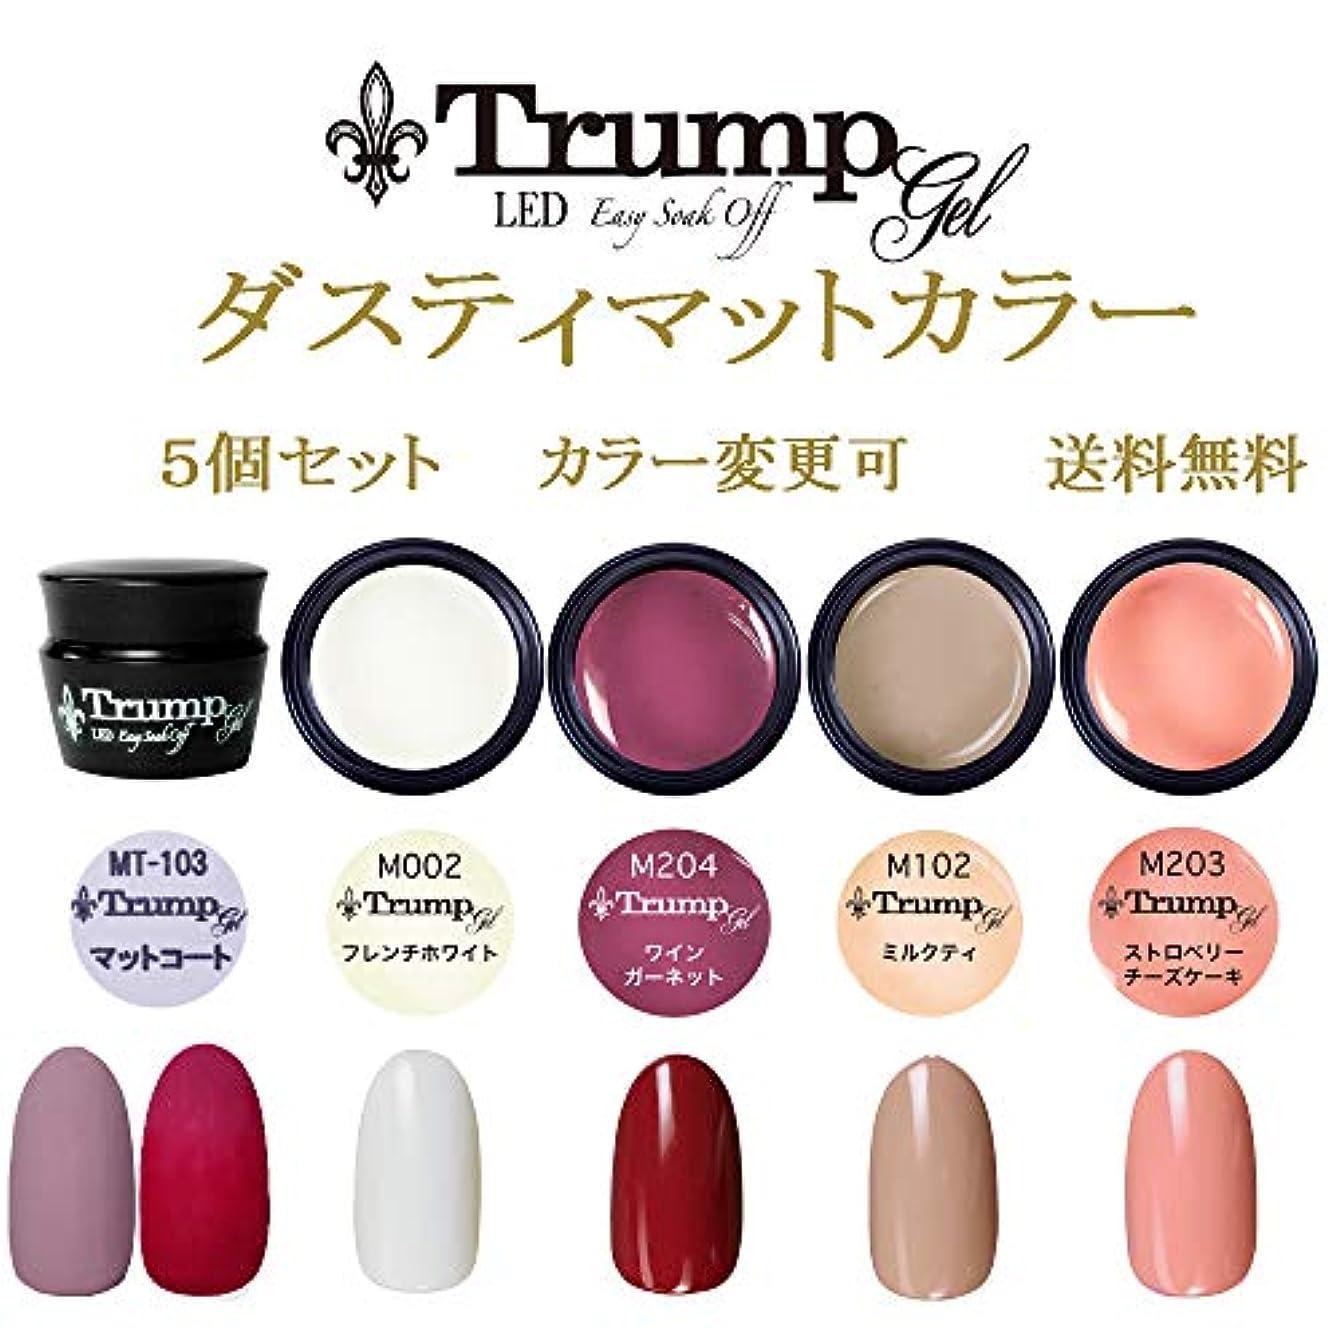 はがきお嬢クローン【送料無料】日本製 Trump gel トランプジェル ダスティマット カラージェル 5個セット 魅惑のフロストマットトップとマットに合う人気カラーをチョイス